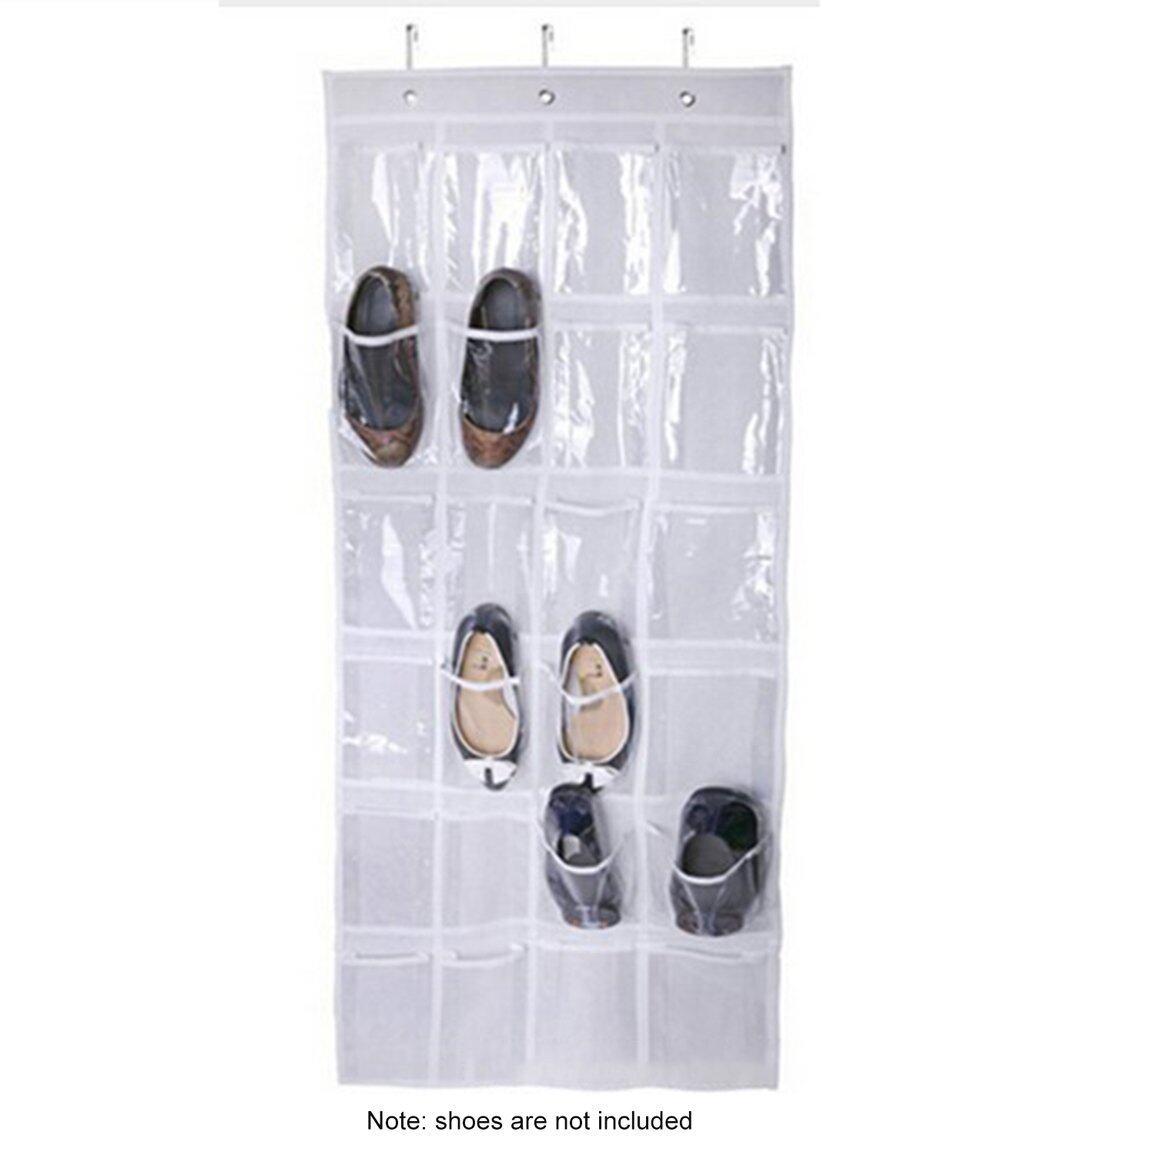 Doanh Số Bán Chạy Nhất 24 Lưới Giày Túi Bảo Quản Cửa Phòng Tắm Túi PVC Cửa Phía Sau Túi Treo Vật Dụng